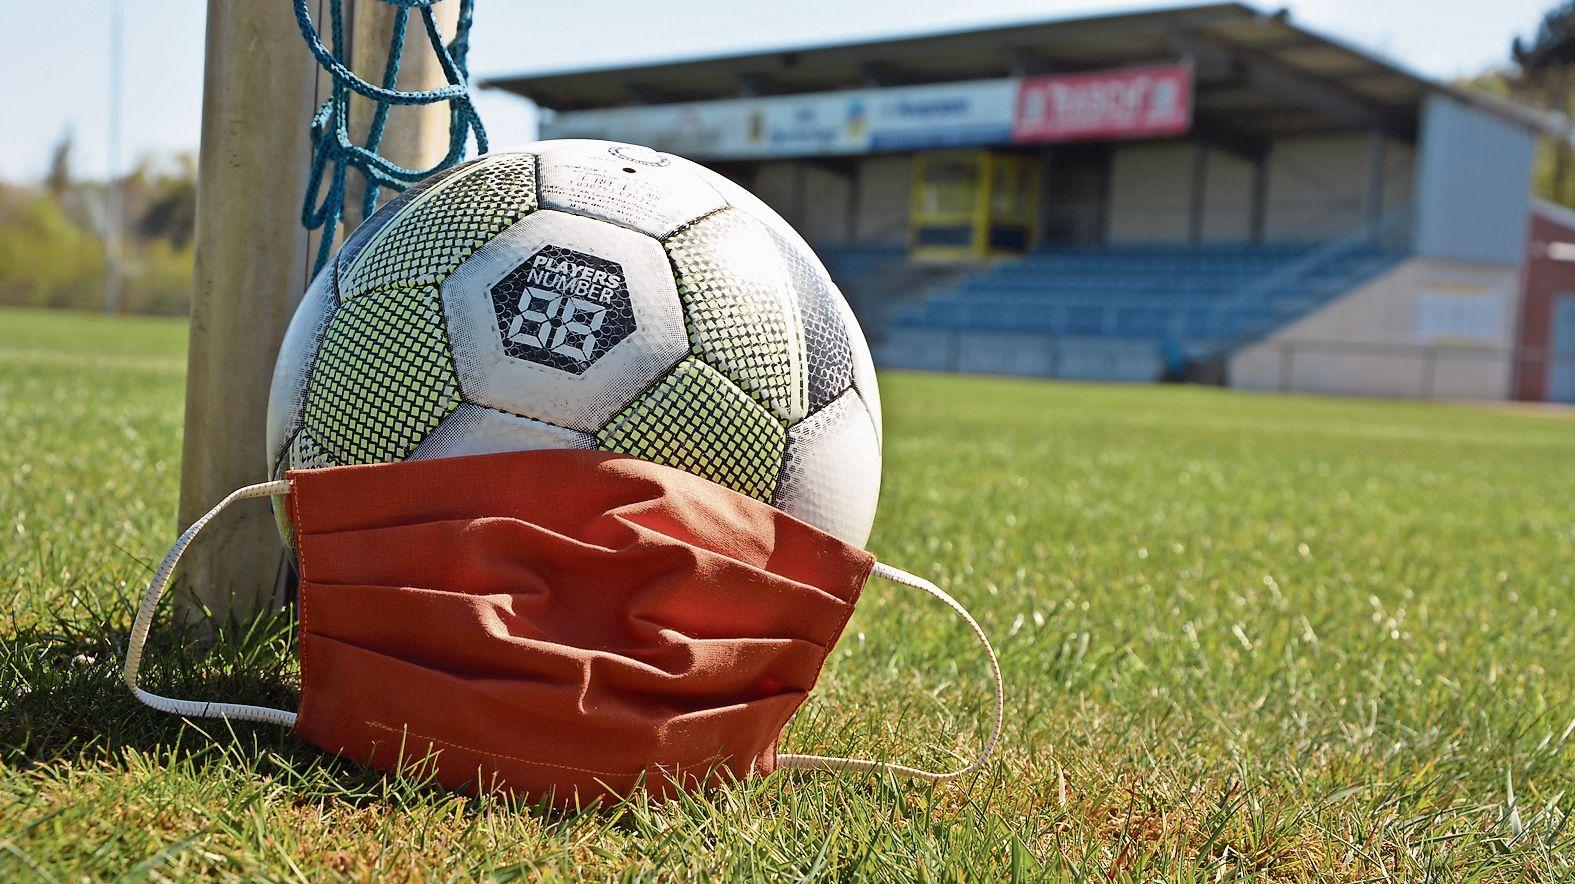 Corona legt den Fußball lahm: Der Kreis Cloppenburg hat mit einer Allgemeinverfägung Sportplätze und -hallen gesperrt. Symbolfoto: Hermes